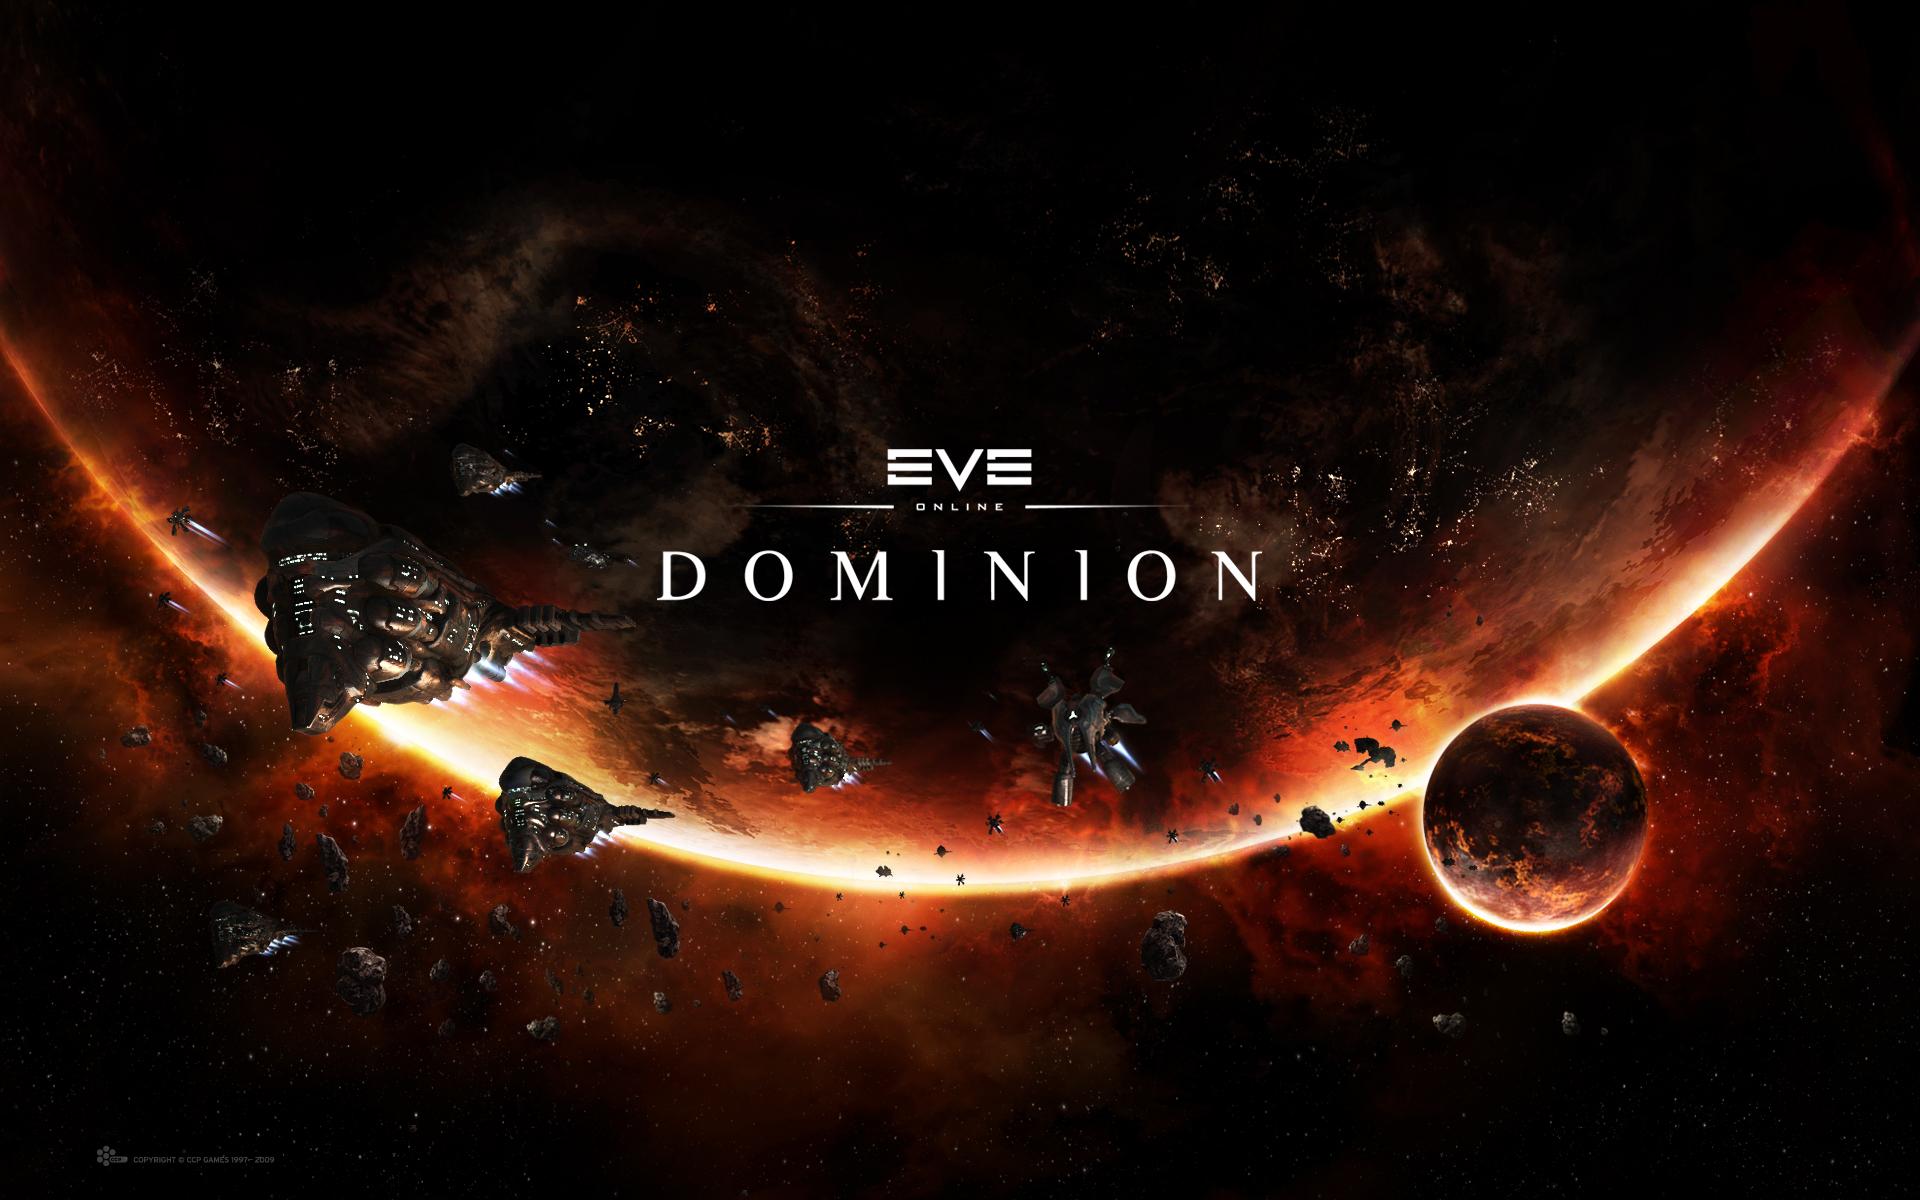 EVE Online wallpaper 4